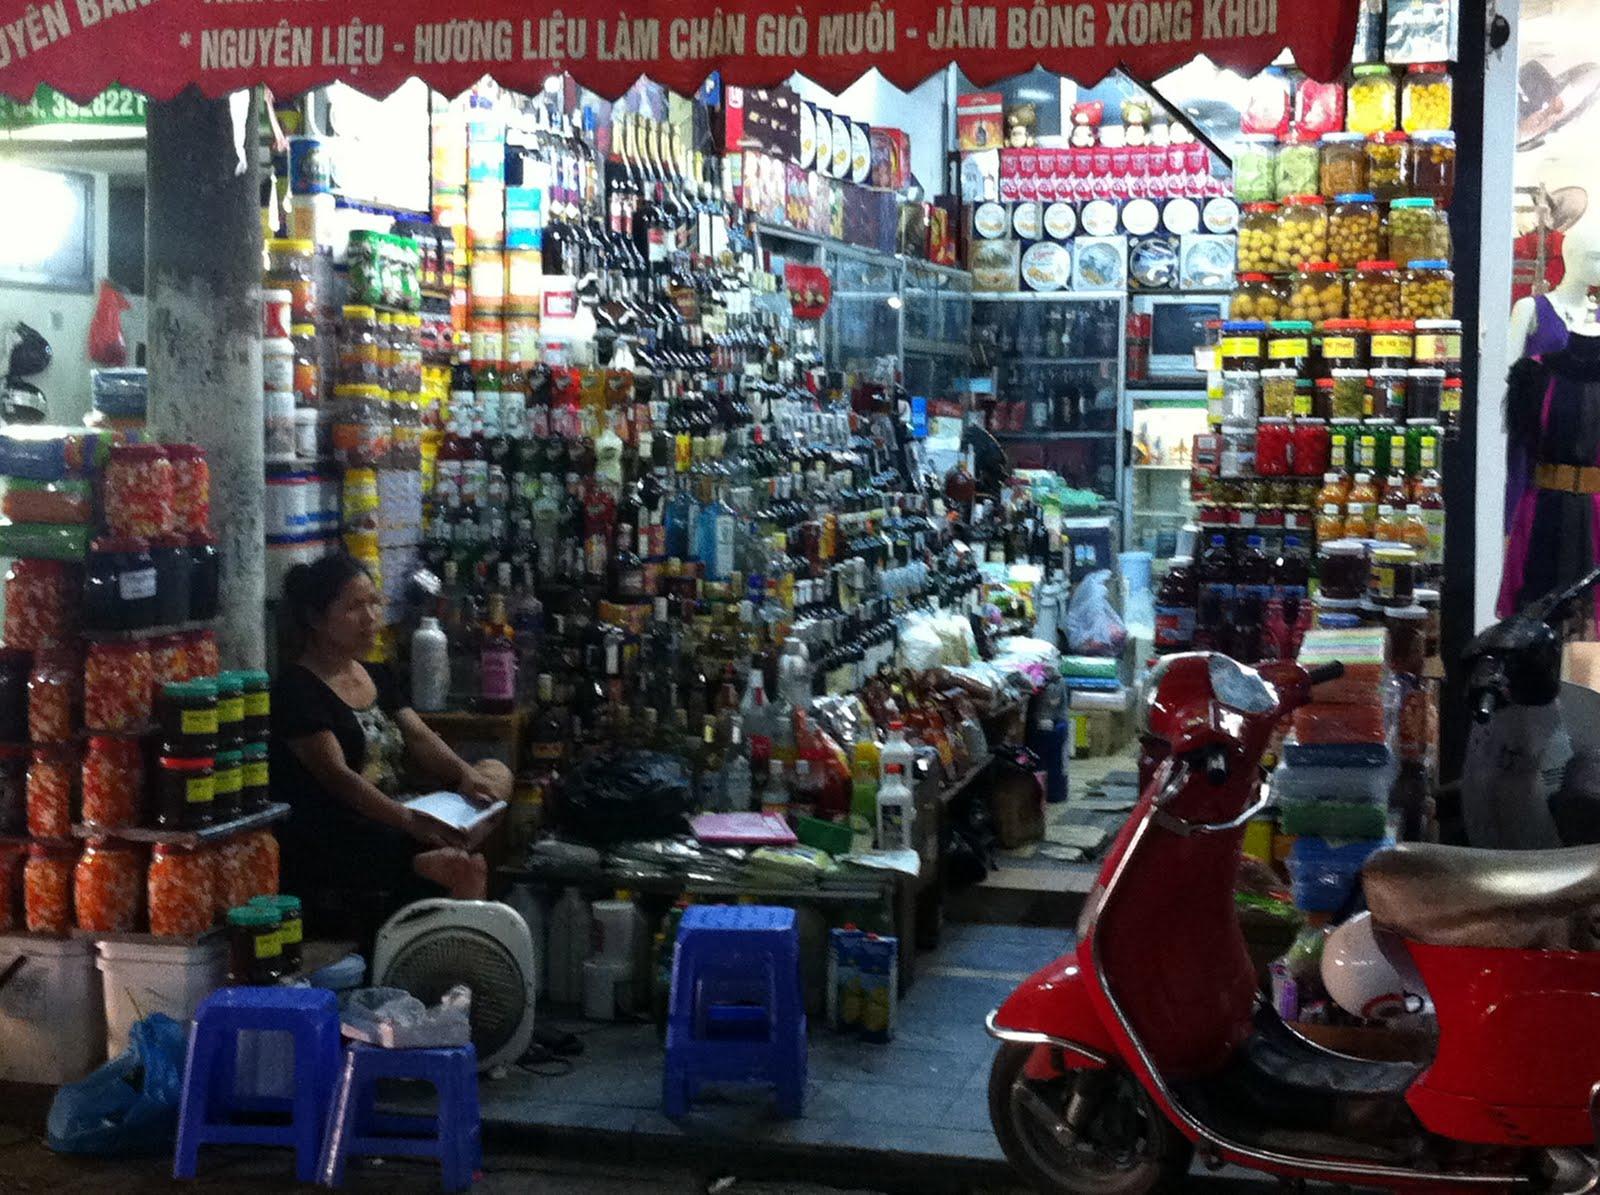 Street In A Market Hanoi